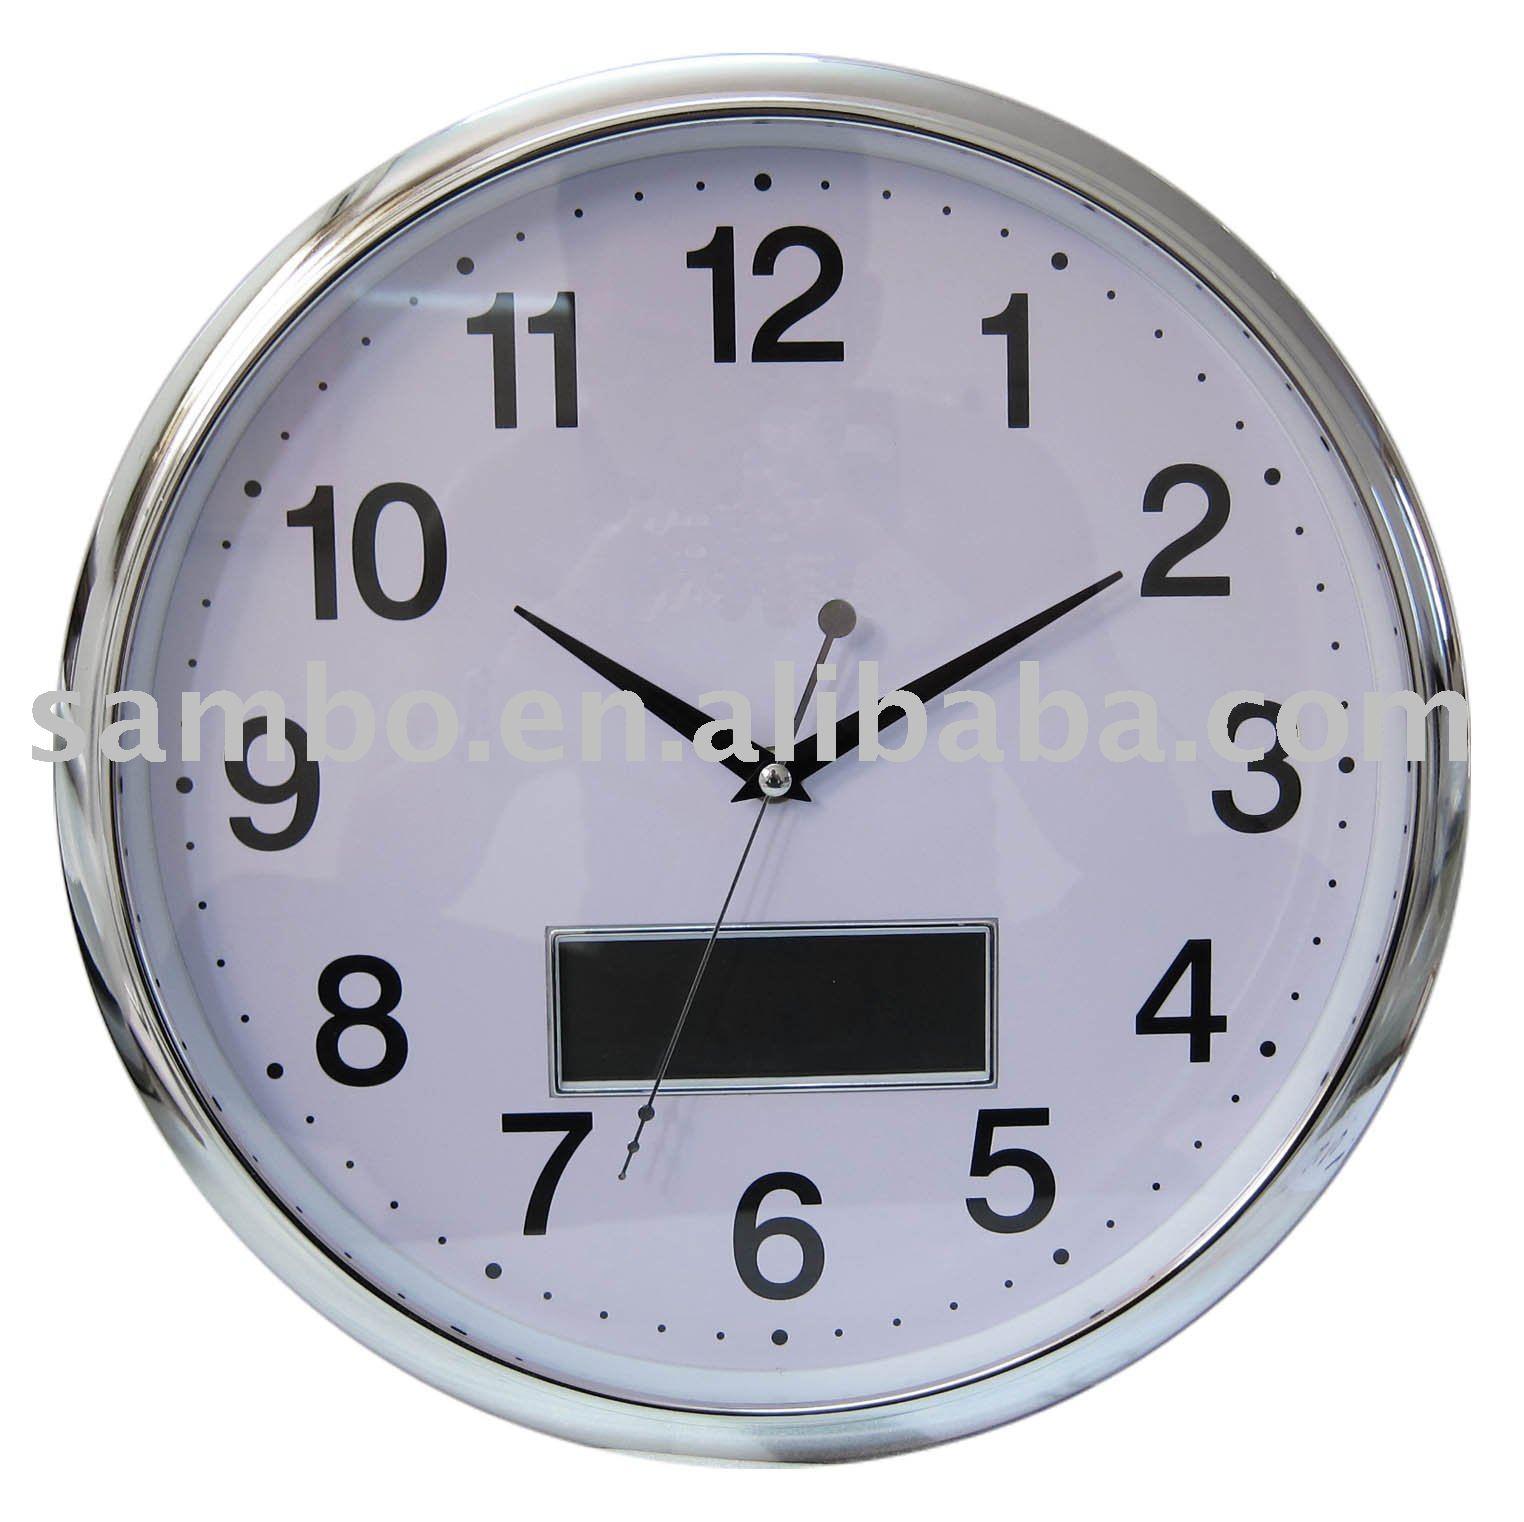 num rique horloge murale avec jour affichage de la date horloge murale id de produit 374622703. Black Bedroom Furniture Sets. Home Design Ideas